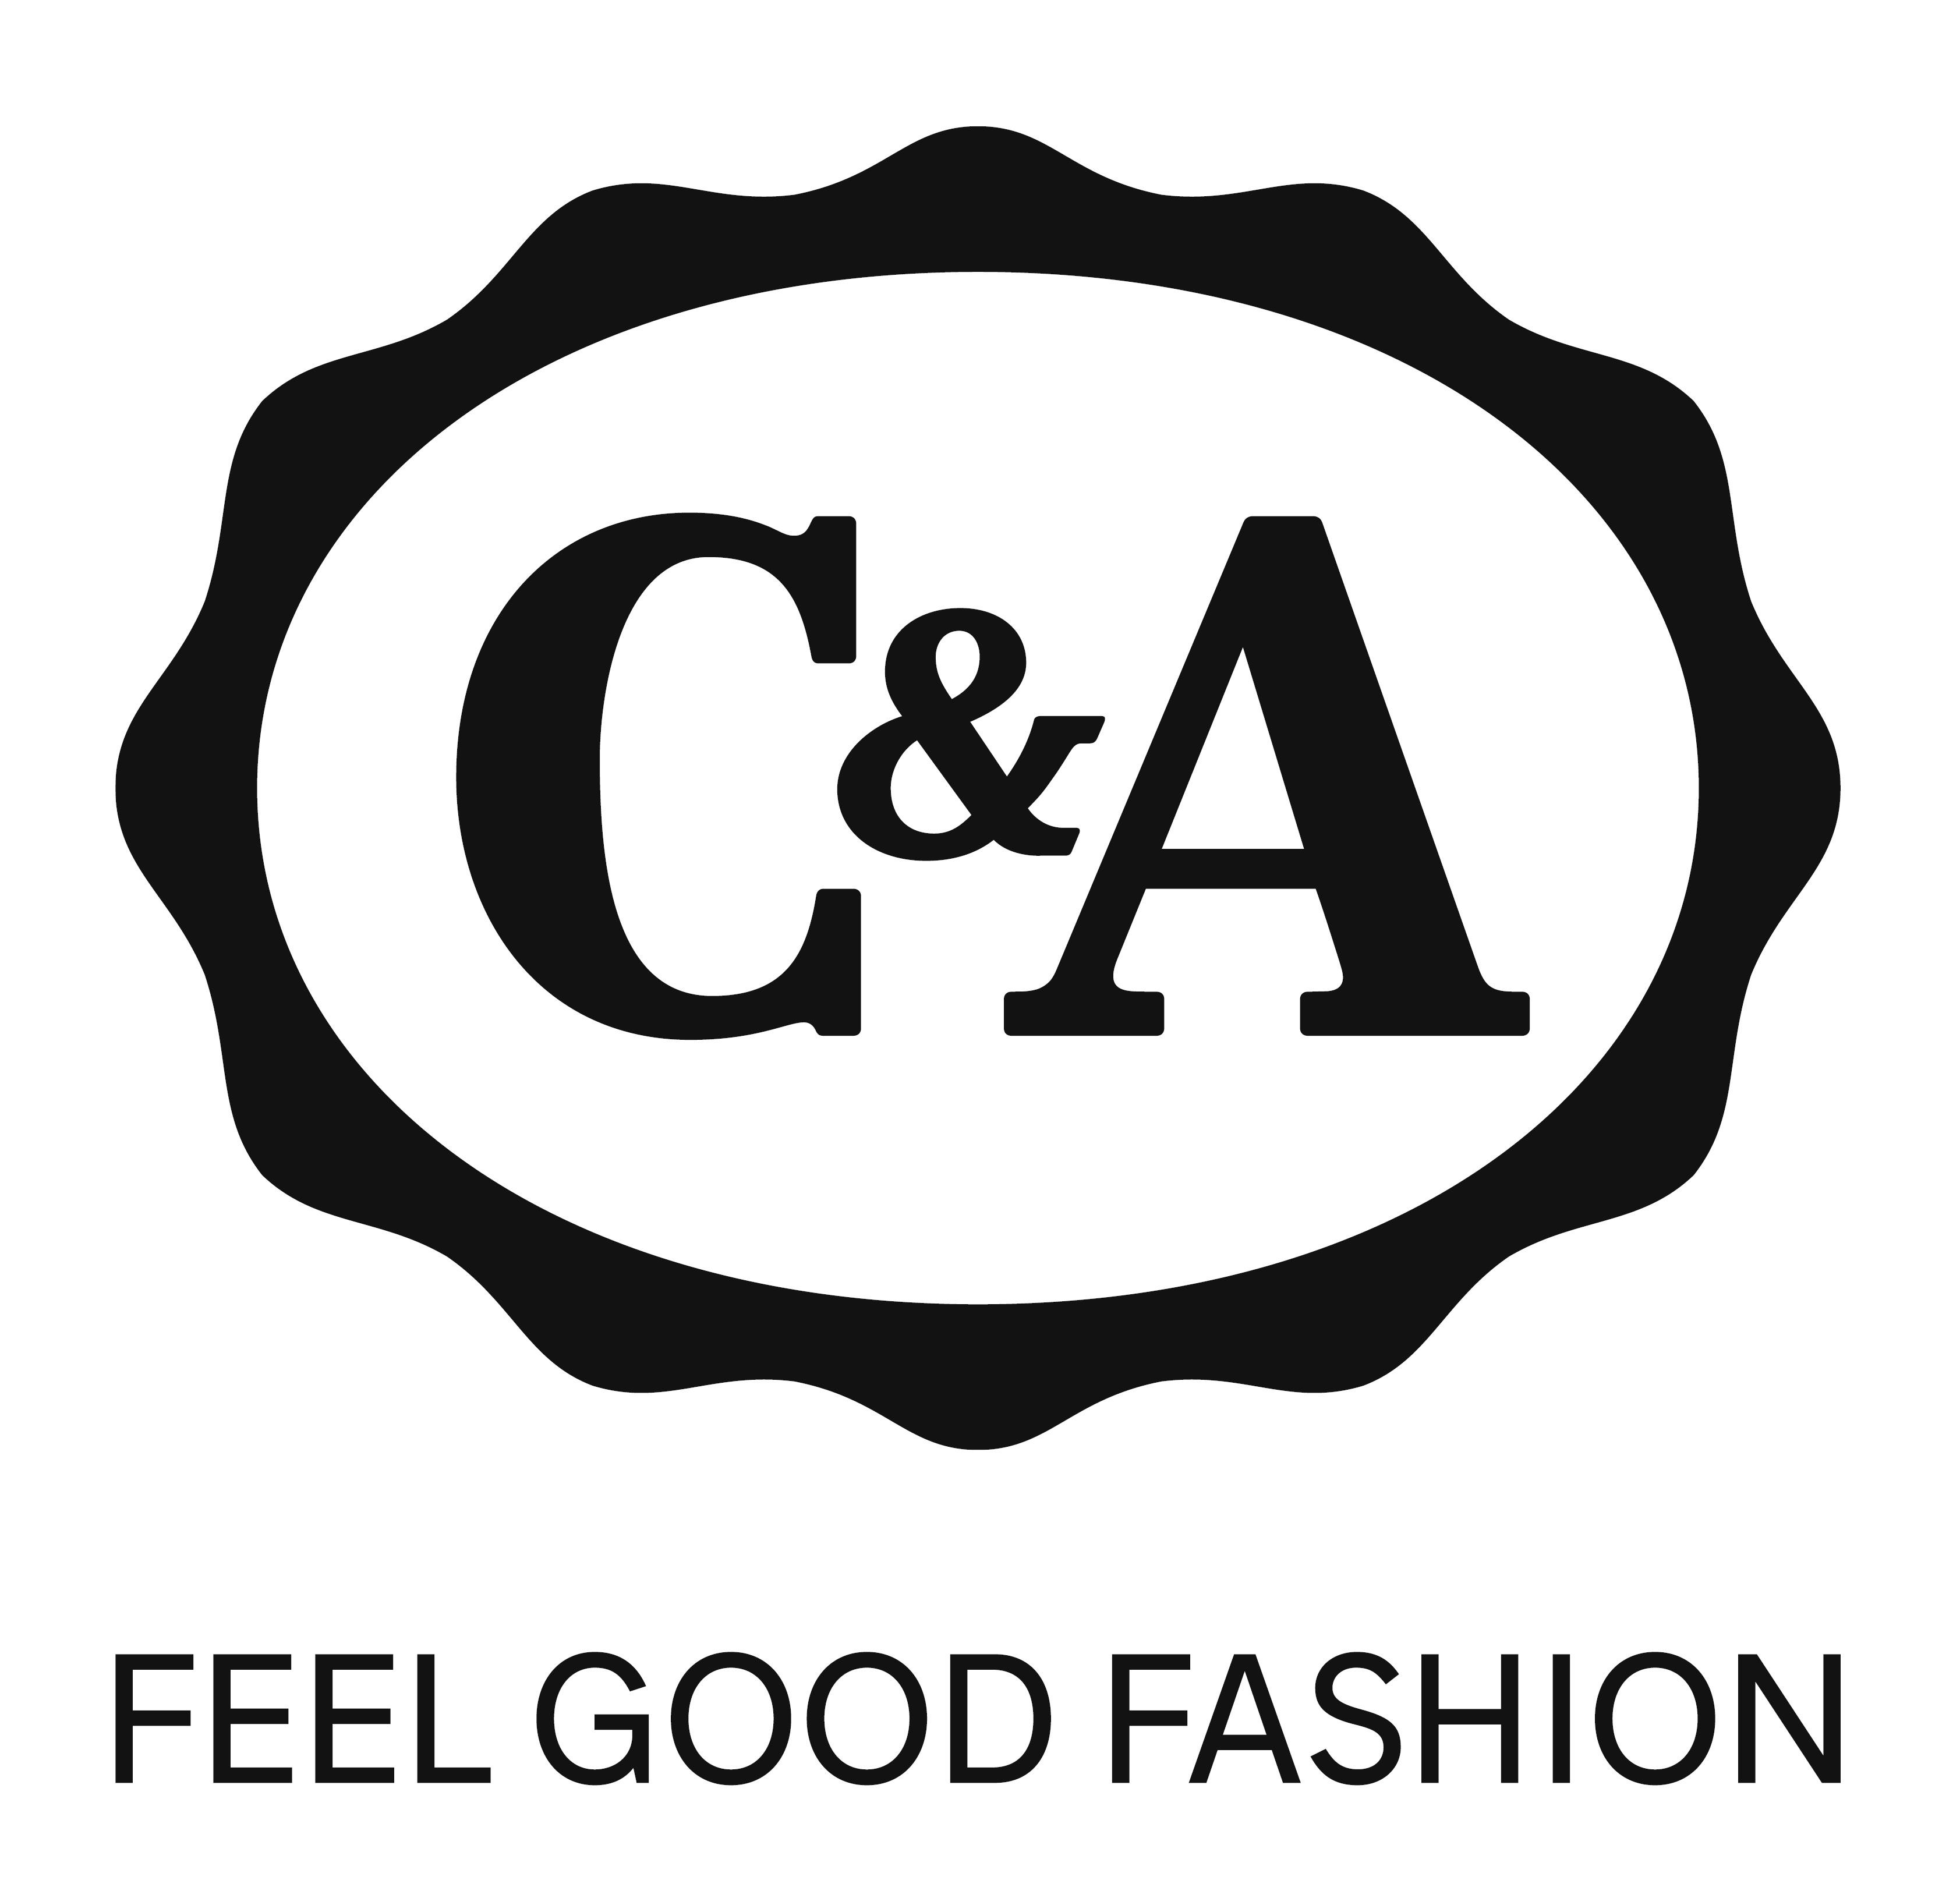 präsentieren großer Abverkauf baby C&A – Shopping Nord